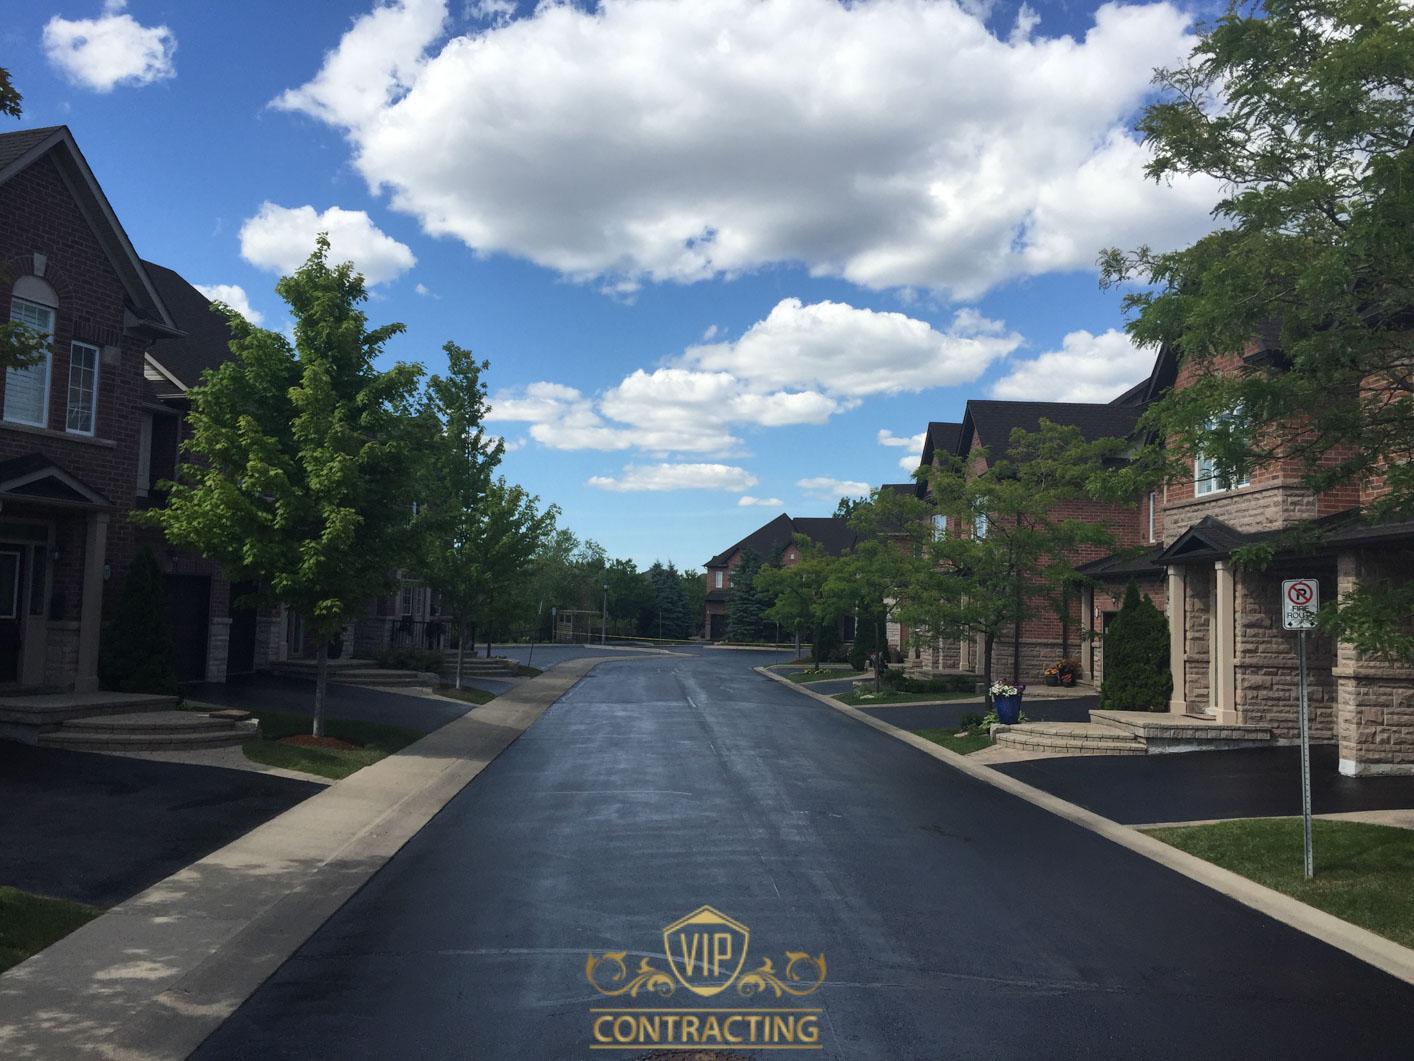 Driveway-renewal-Sealing